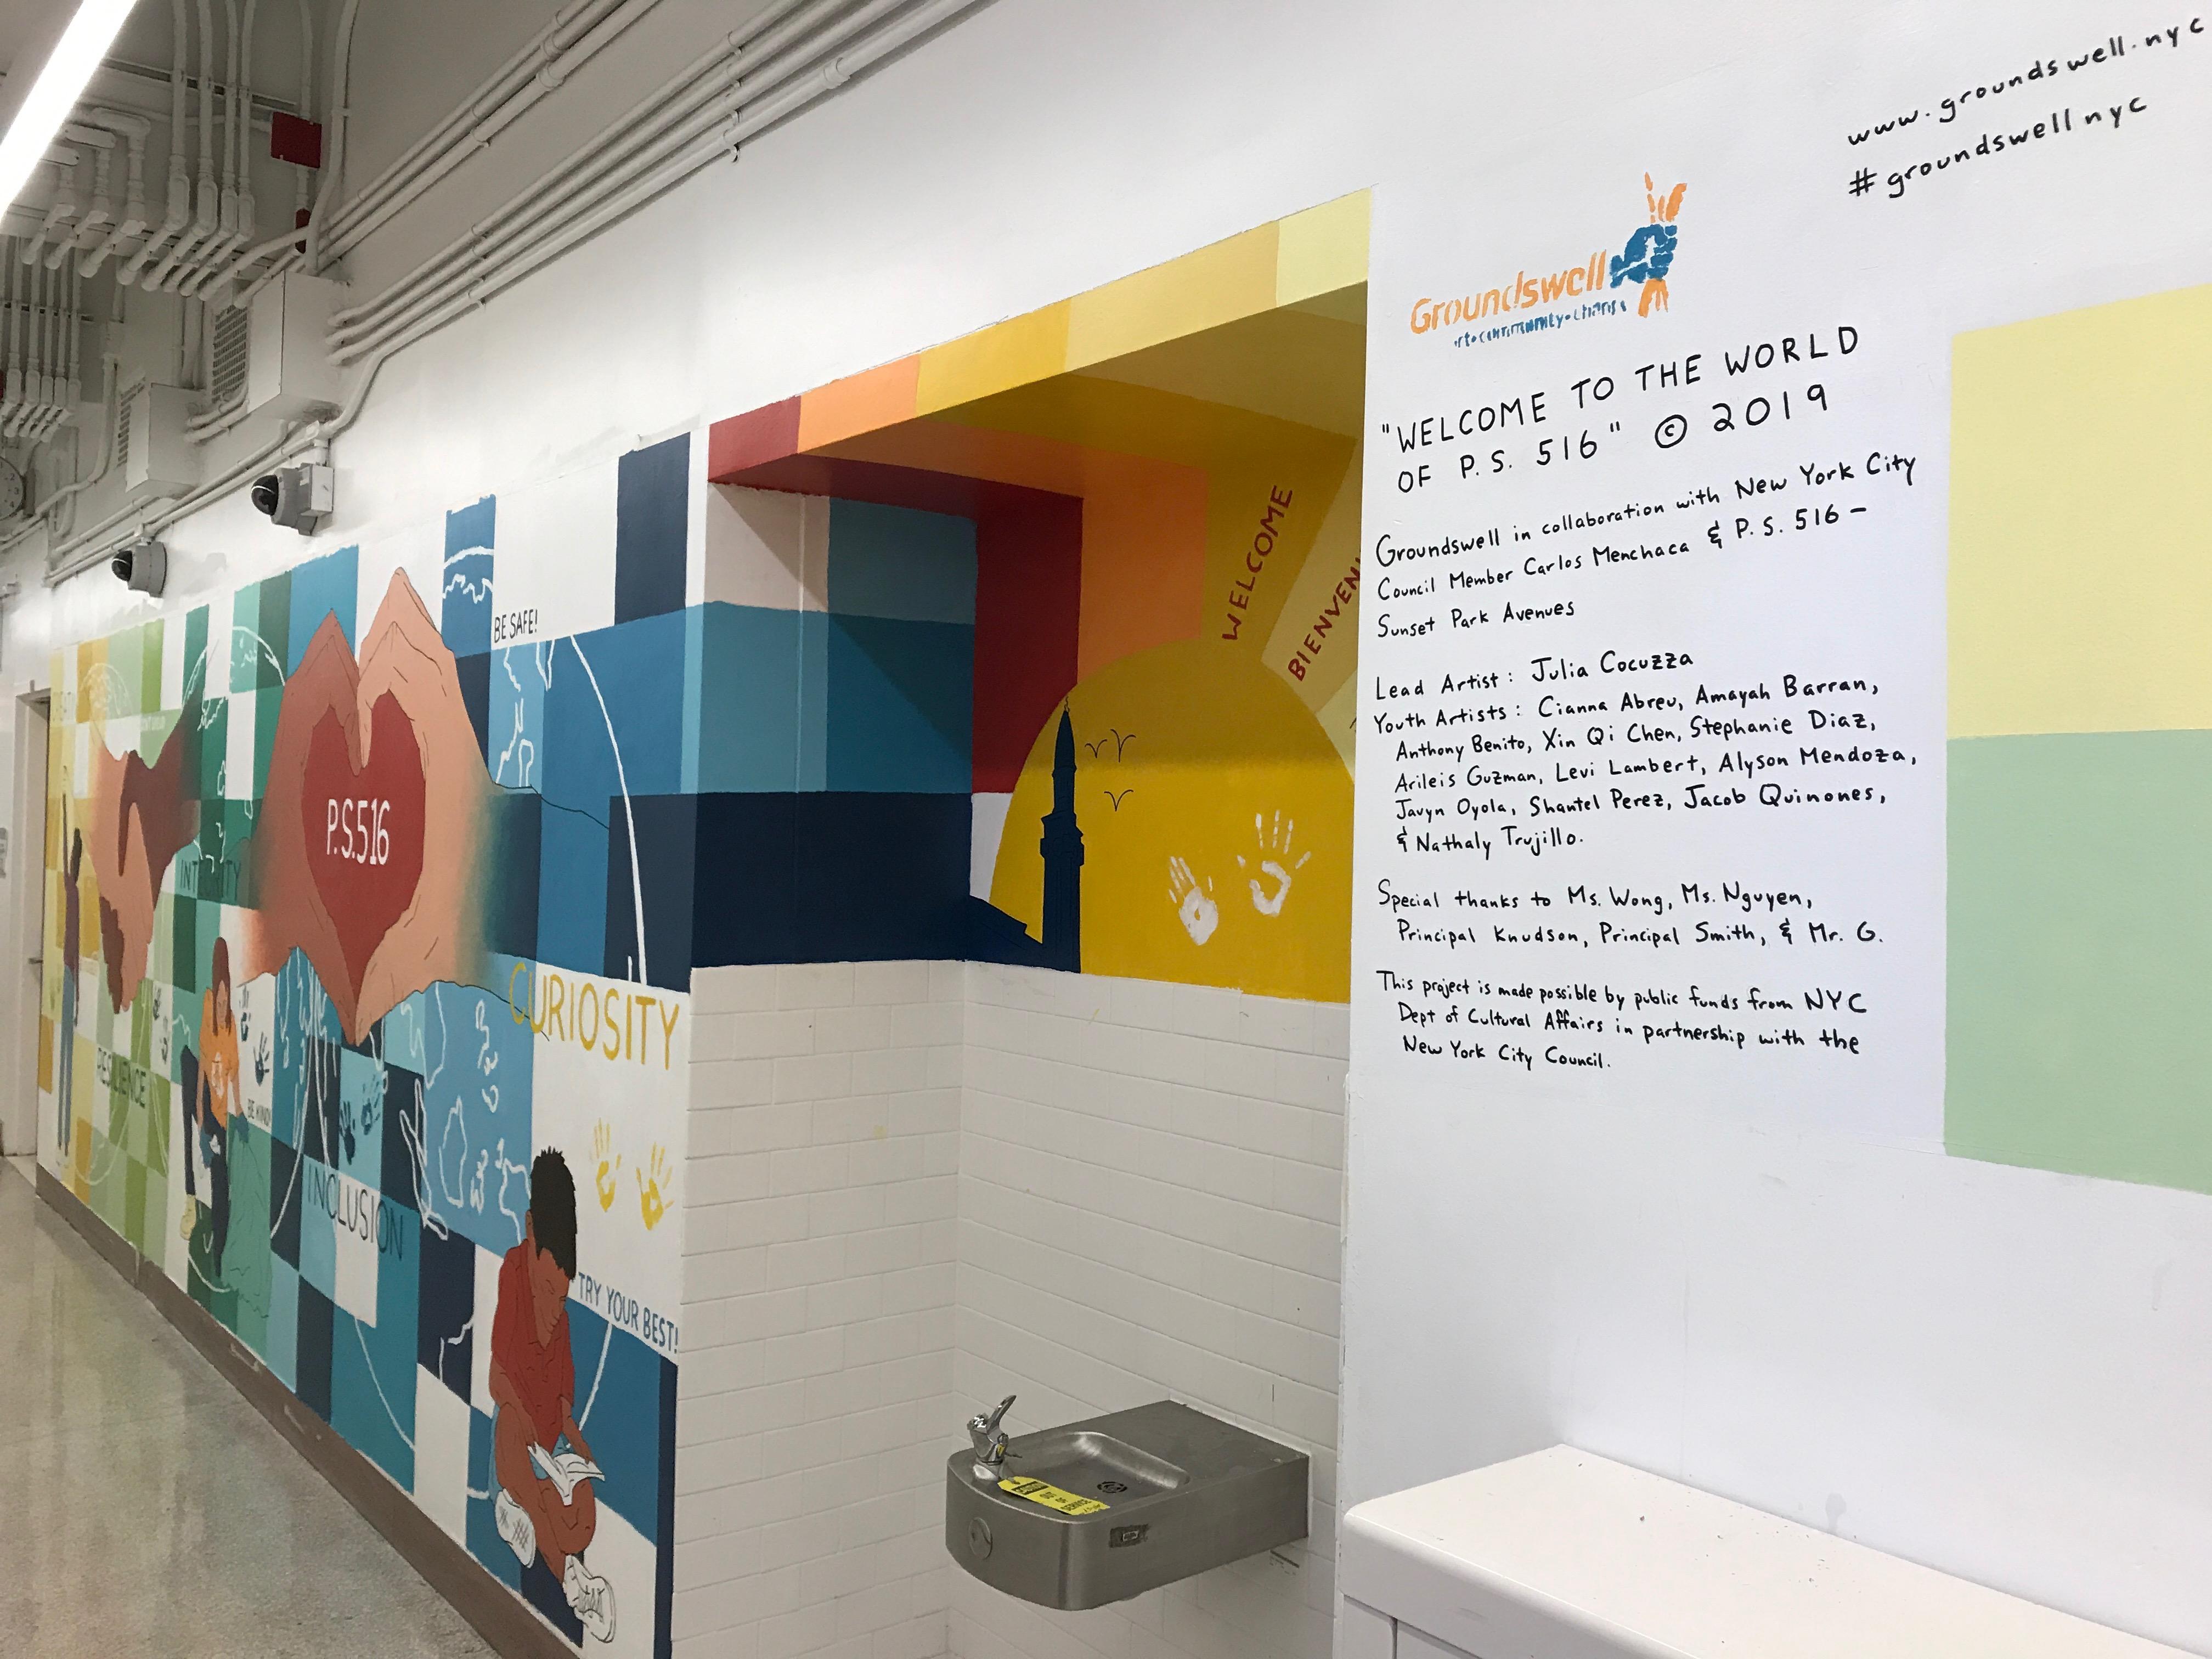 PS 516 mural